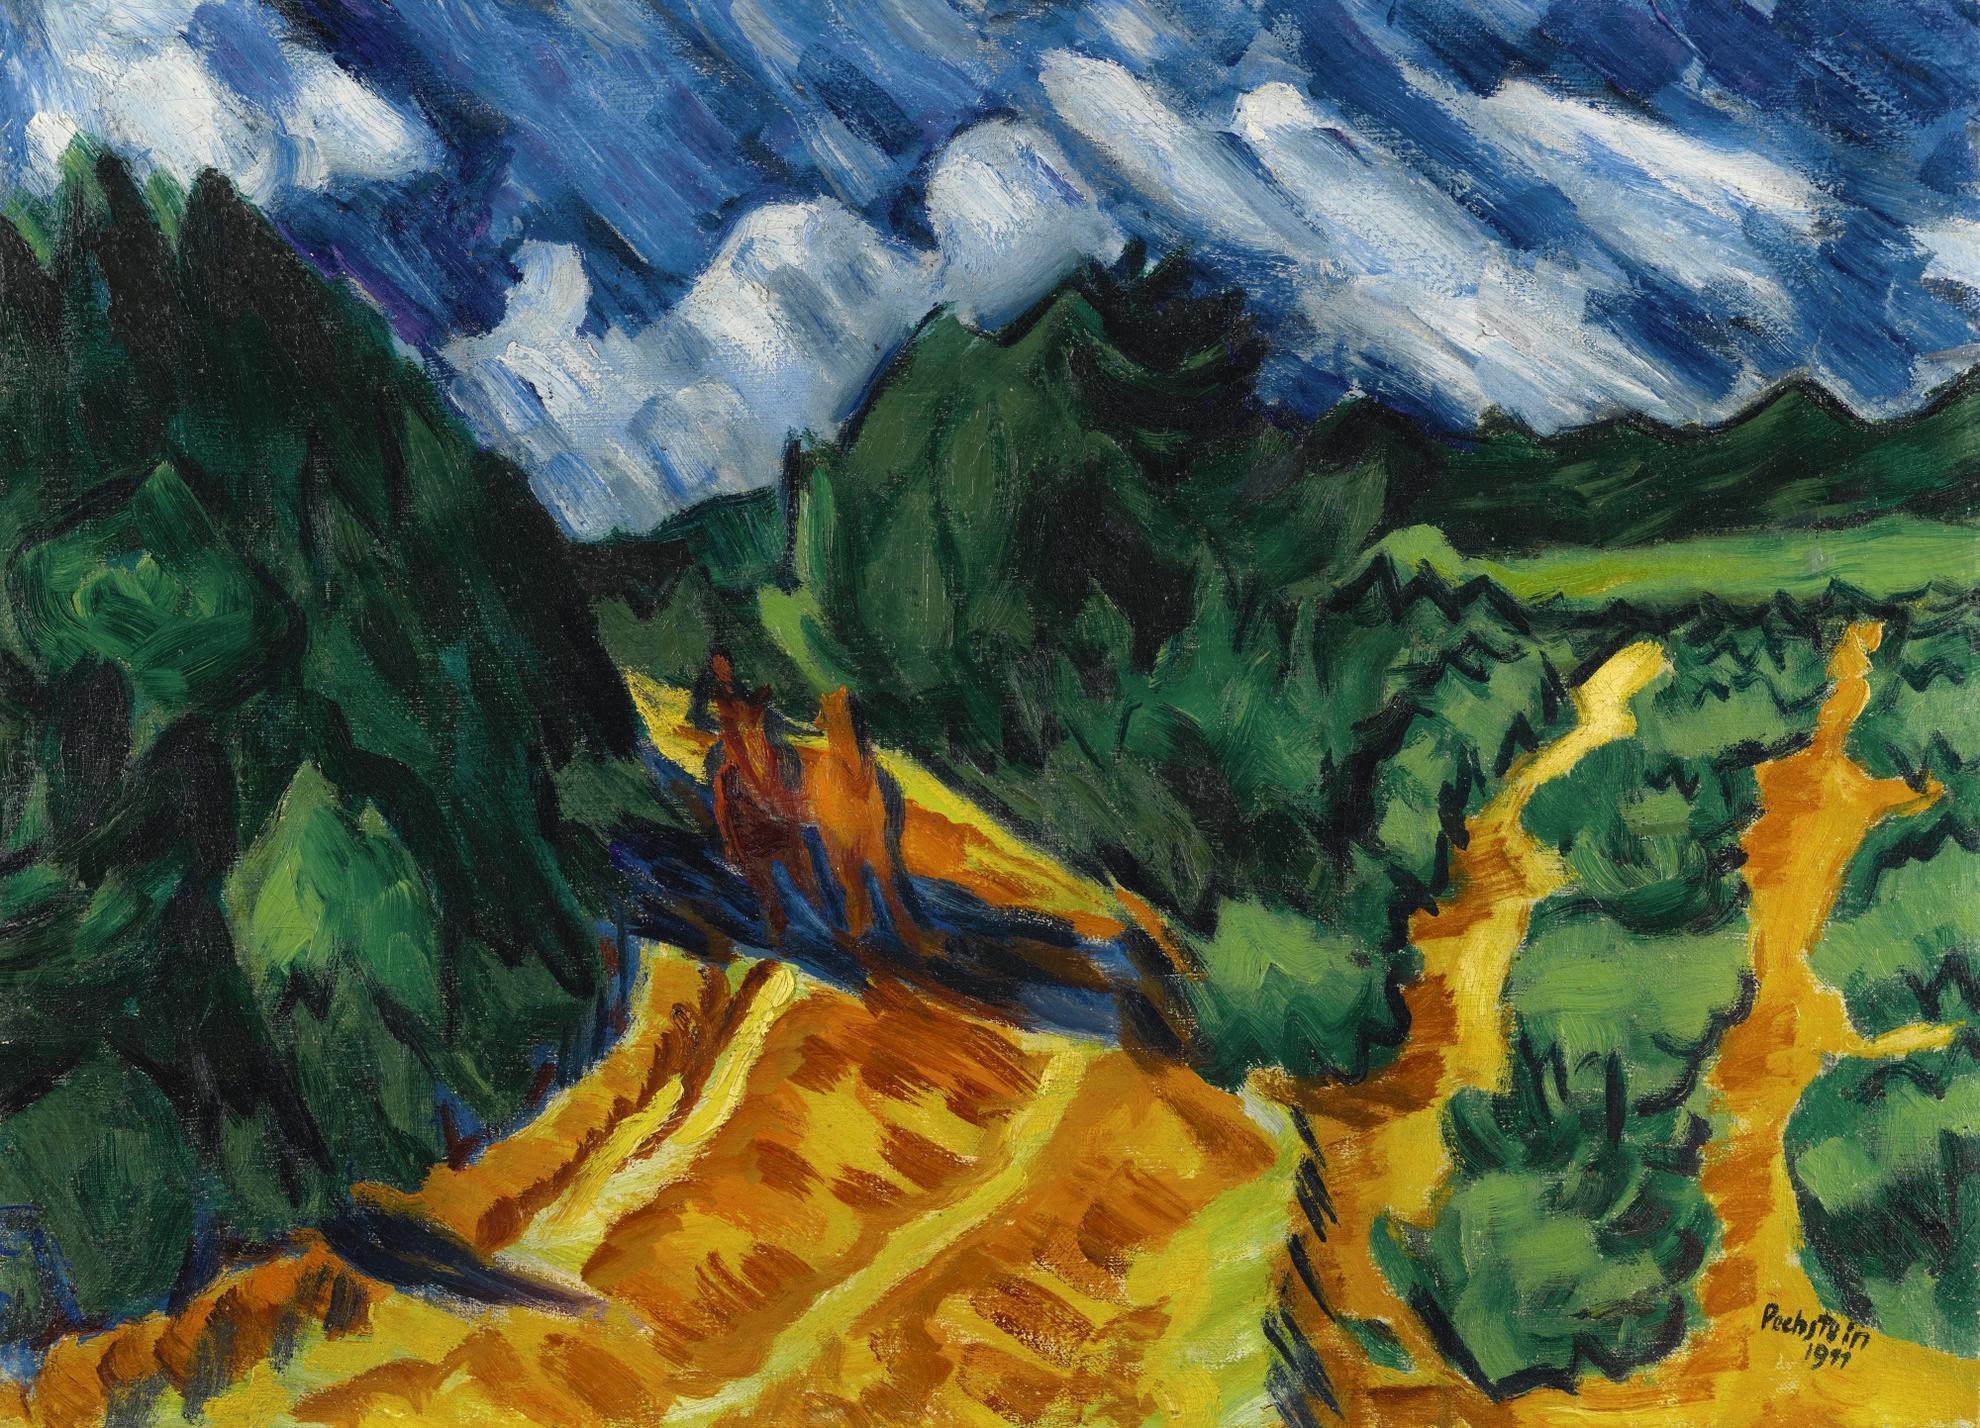 Max Pechstein-Landschaft Mit Pferd Und Reiter (Landscape With Horse And Rider)-1911